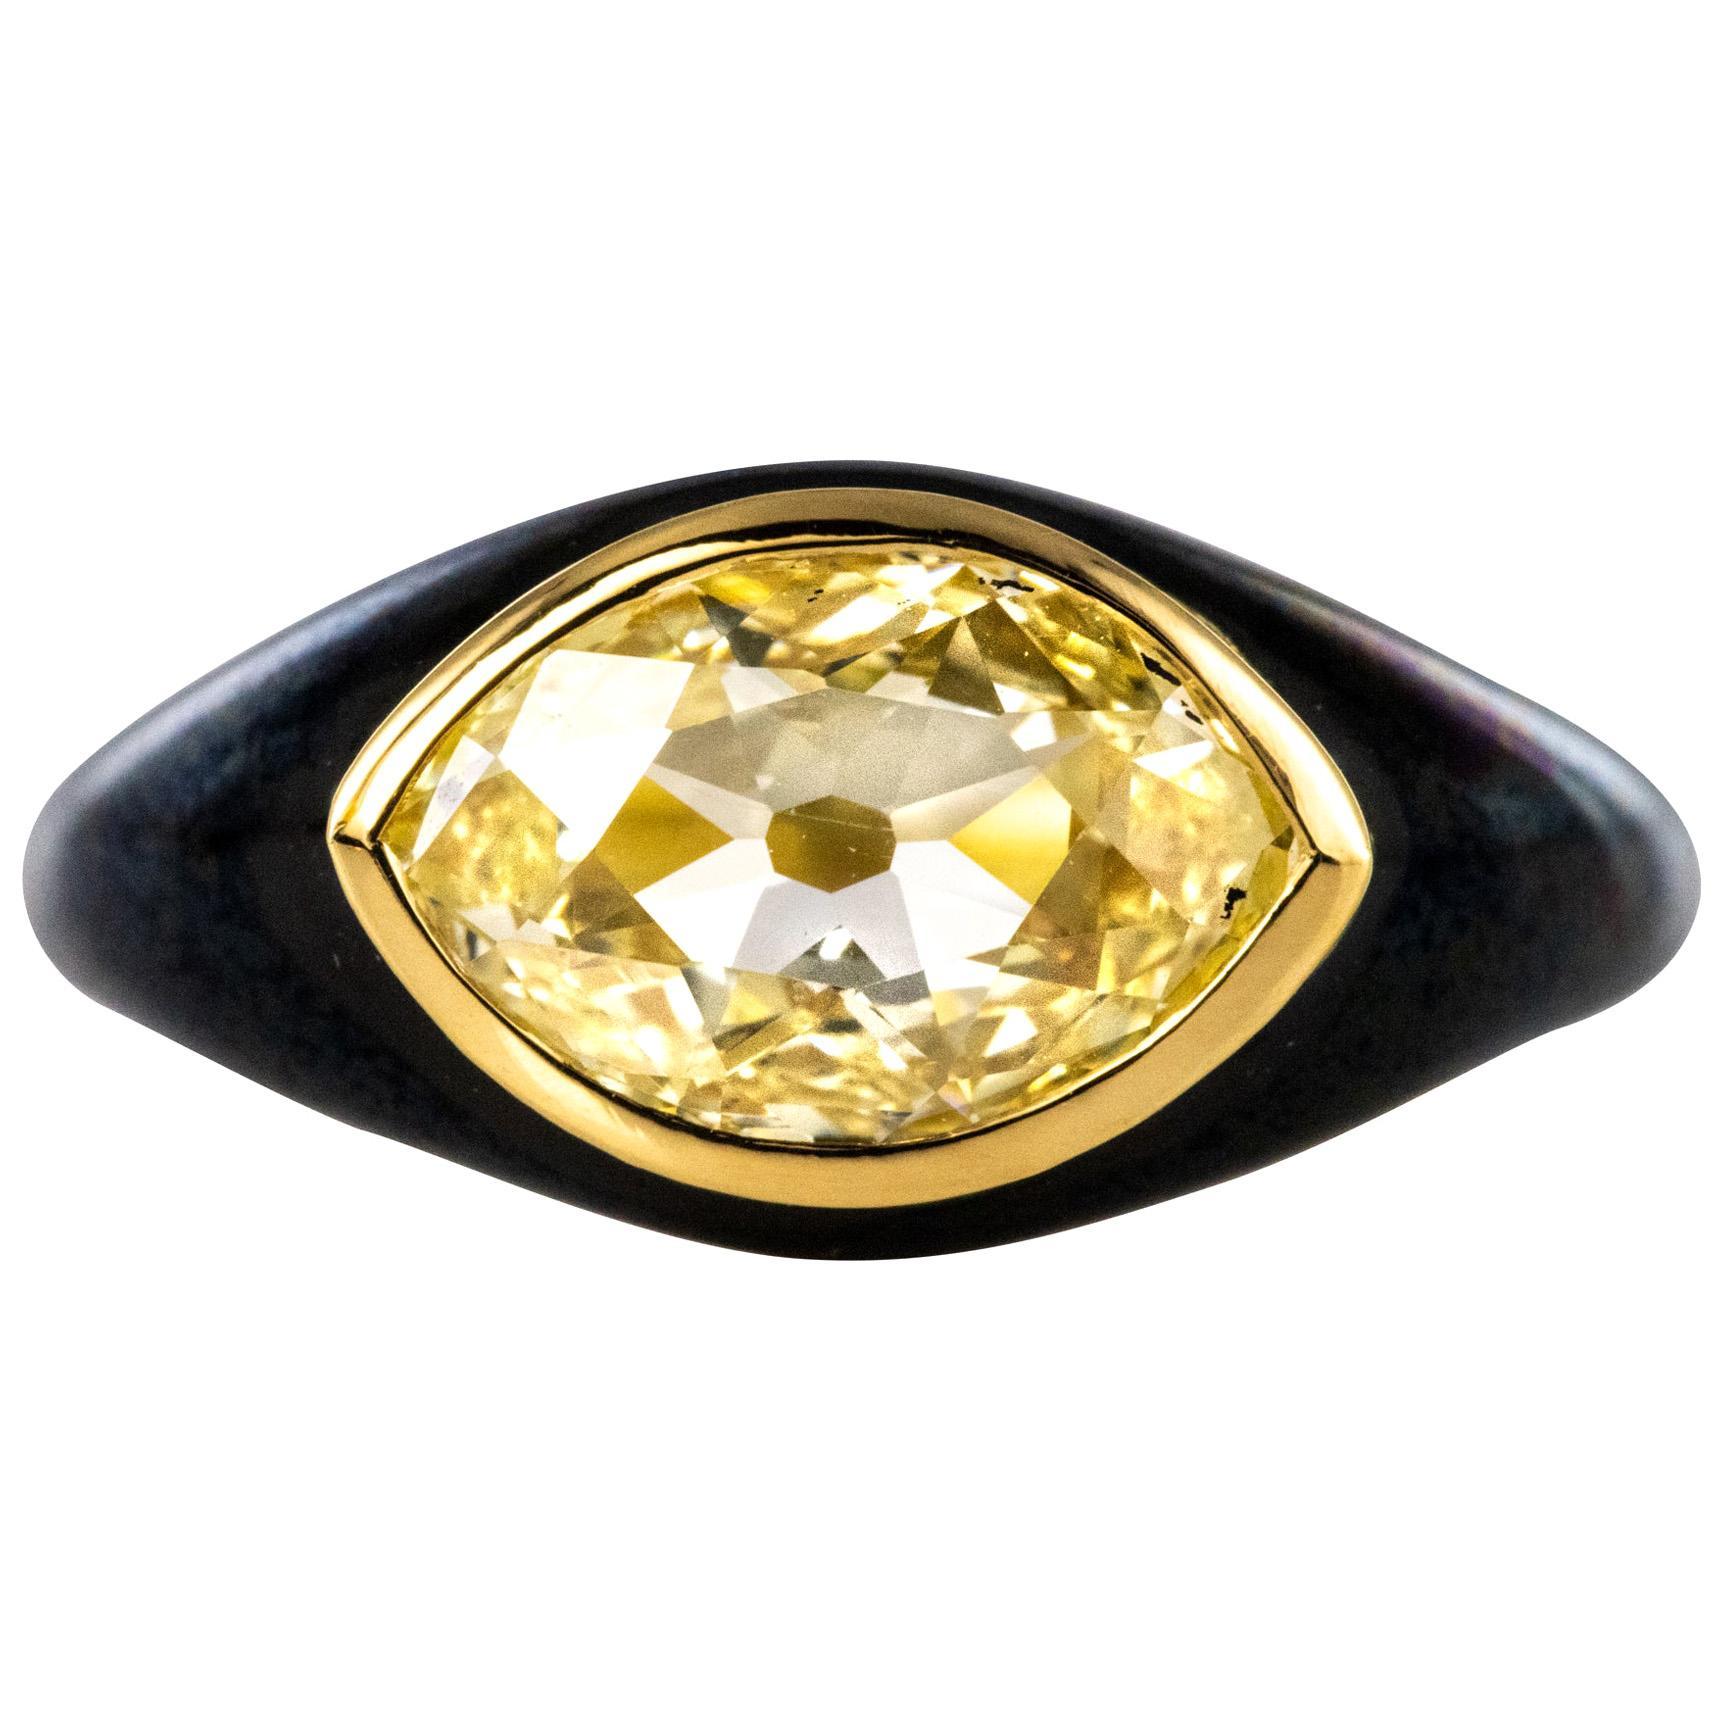 19th Century 1.95 Carat Yellow Diamond Black Enamel 18 Karat Yellow Gold Ring